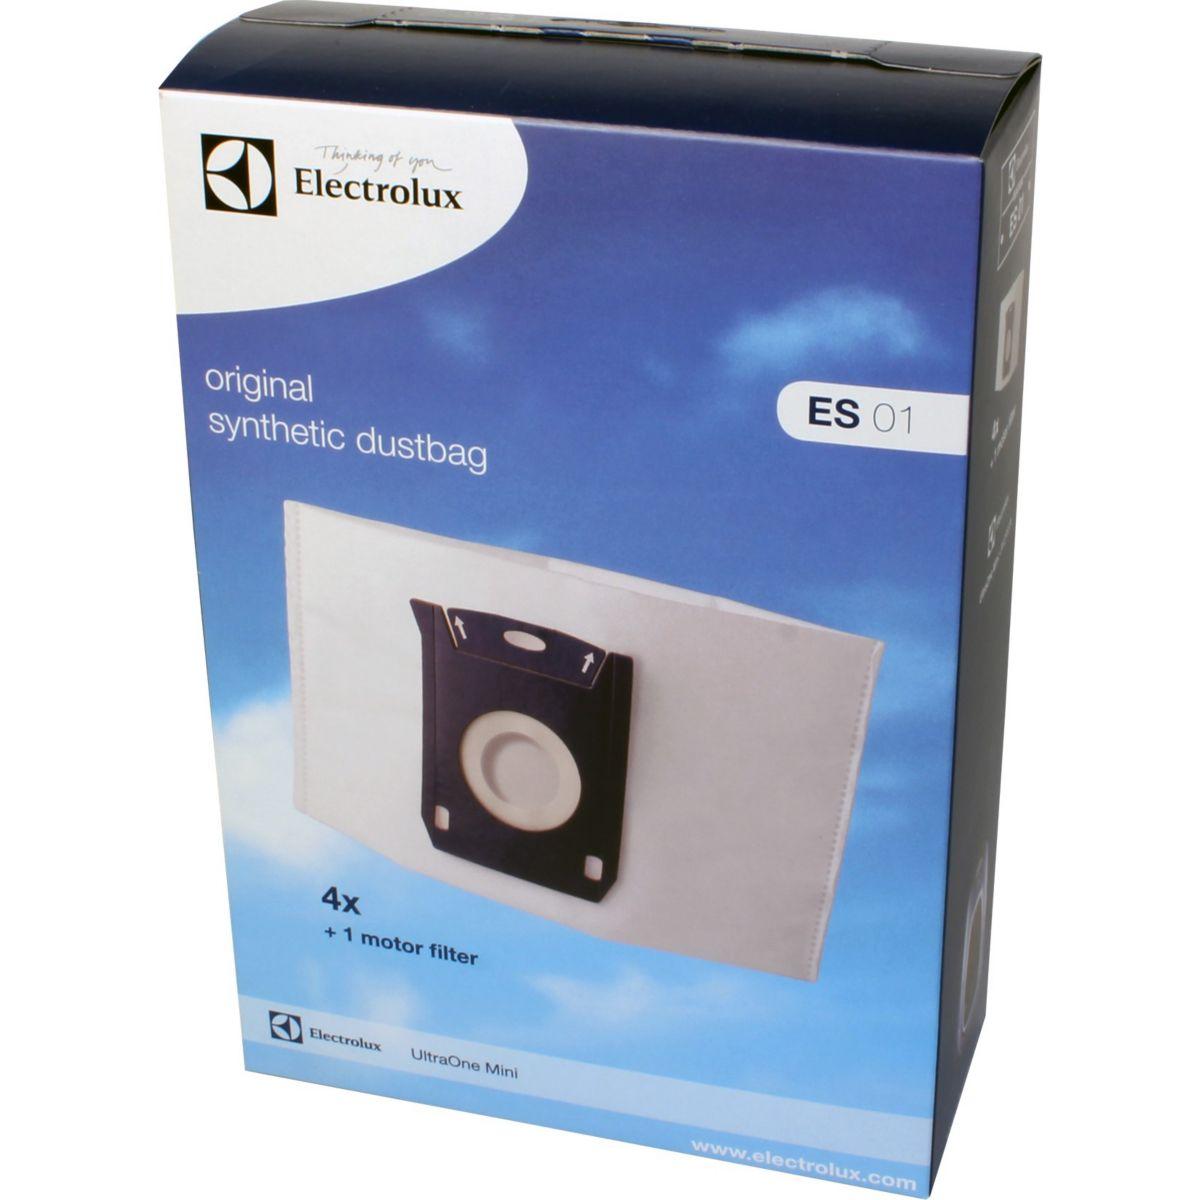 Sac aspirateur electrolux es01 pour ultra one mini - 20% de remise imm�diate avec le cod